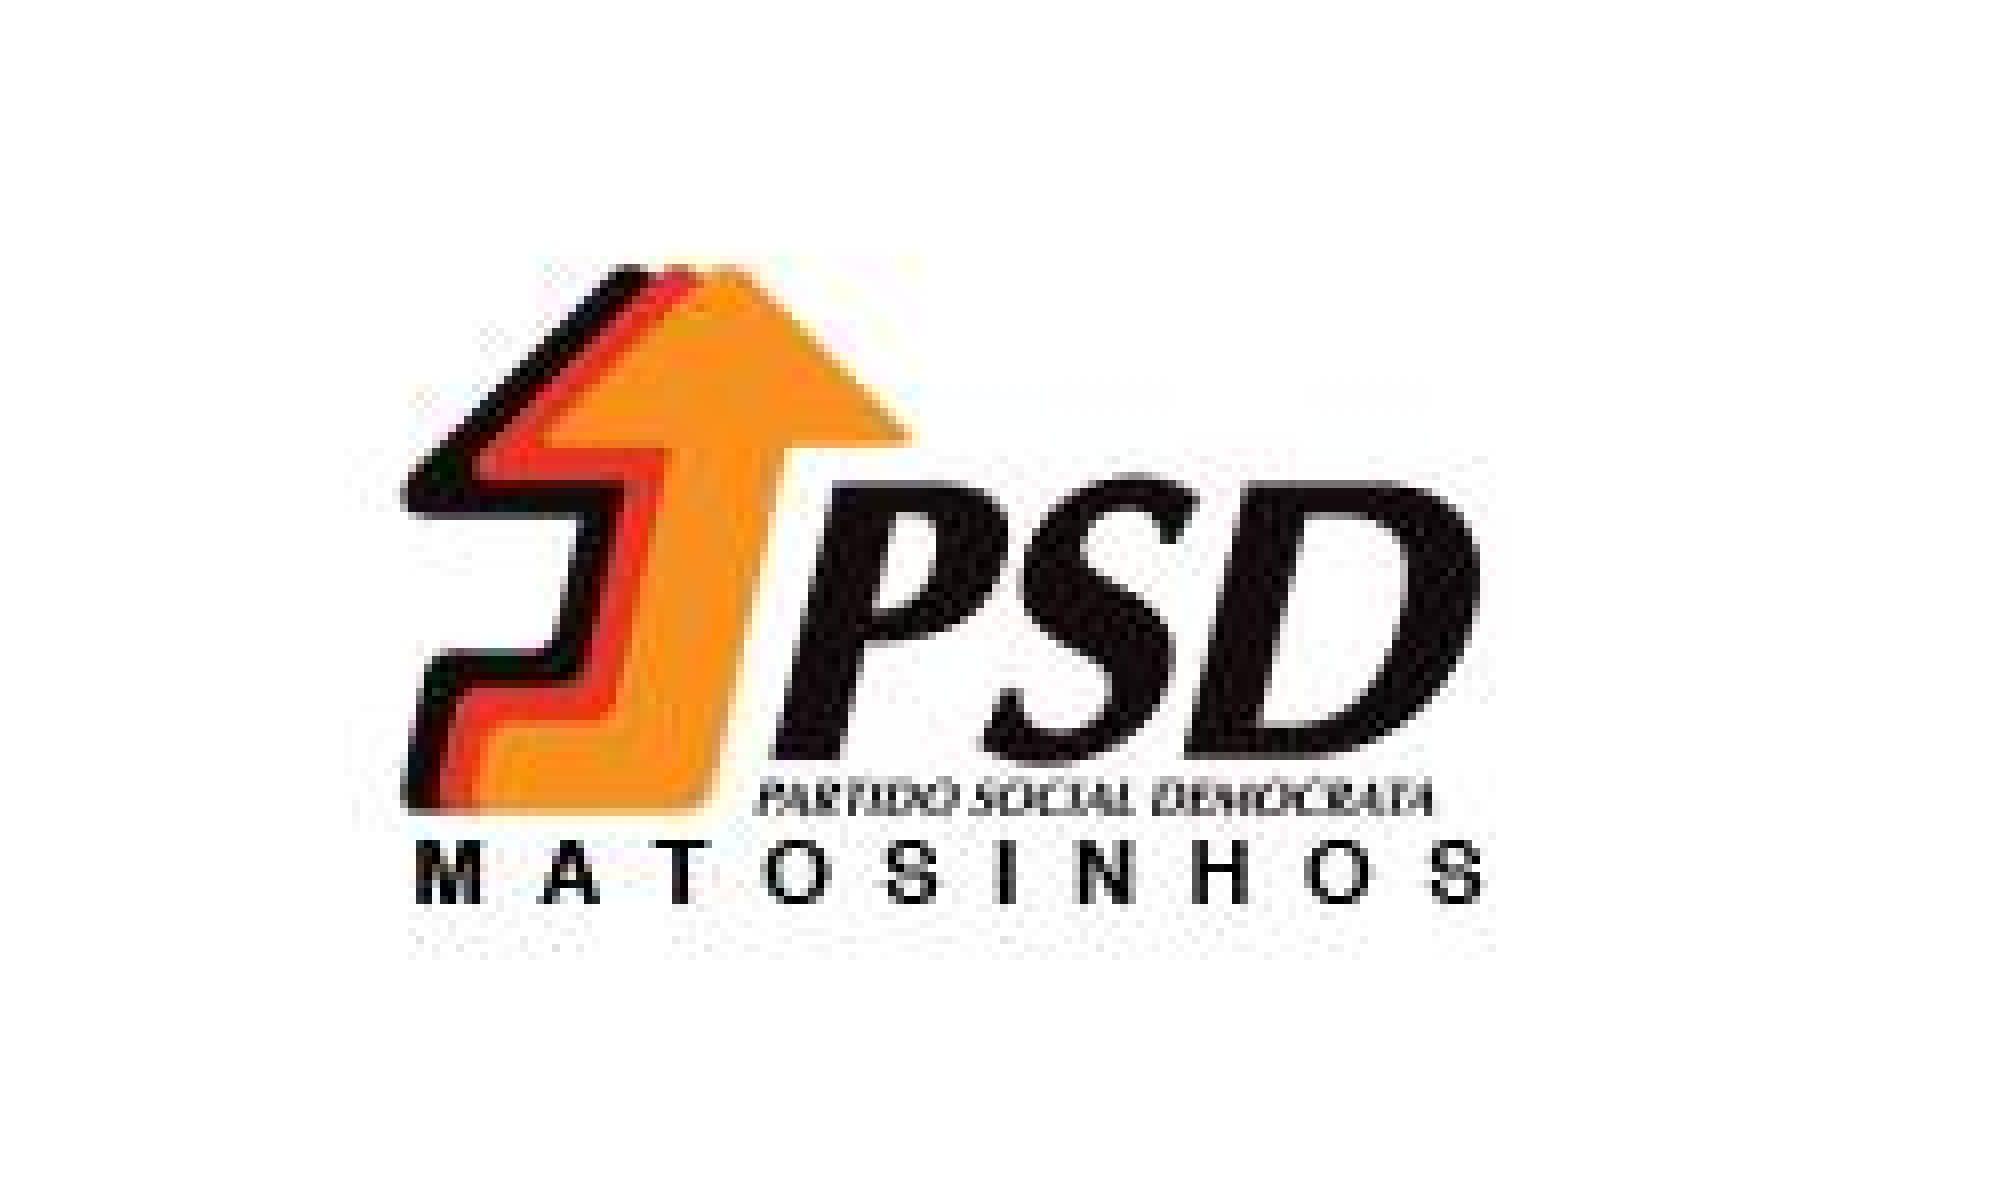 Comunicado: Preocupação com a situação da Refinaria em Matosinhos